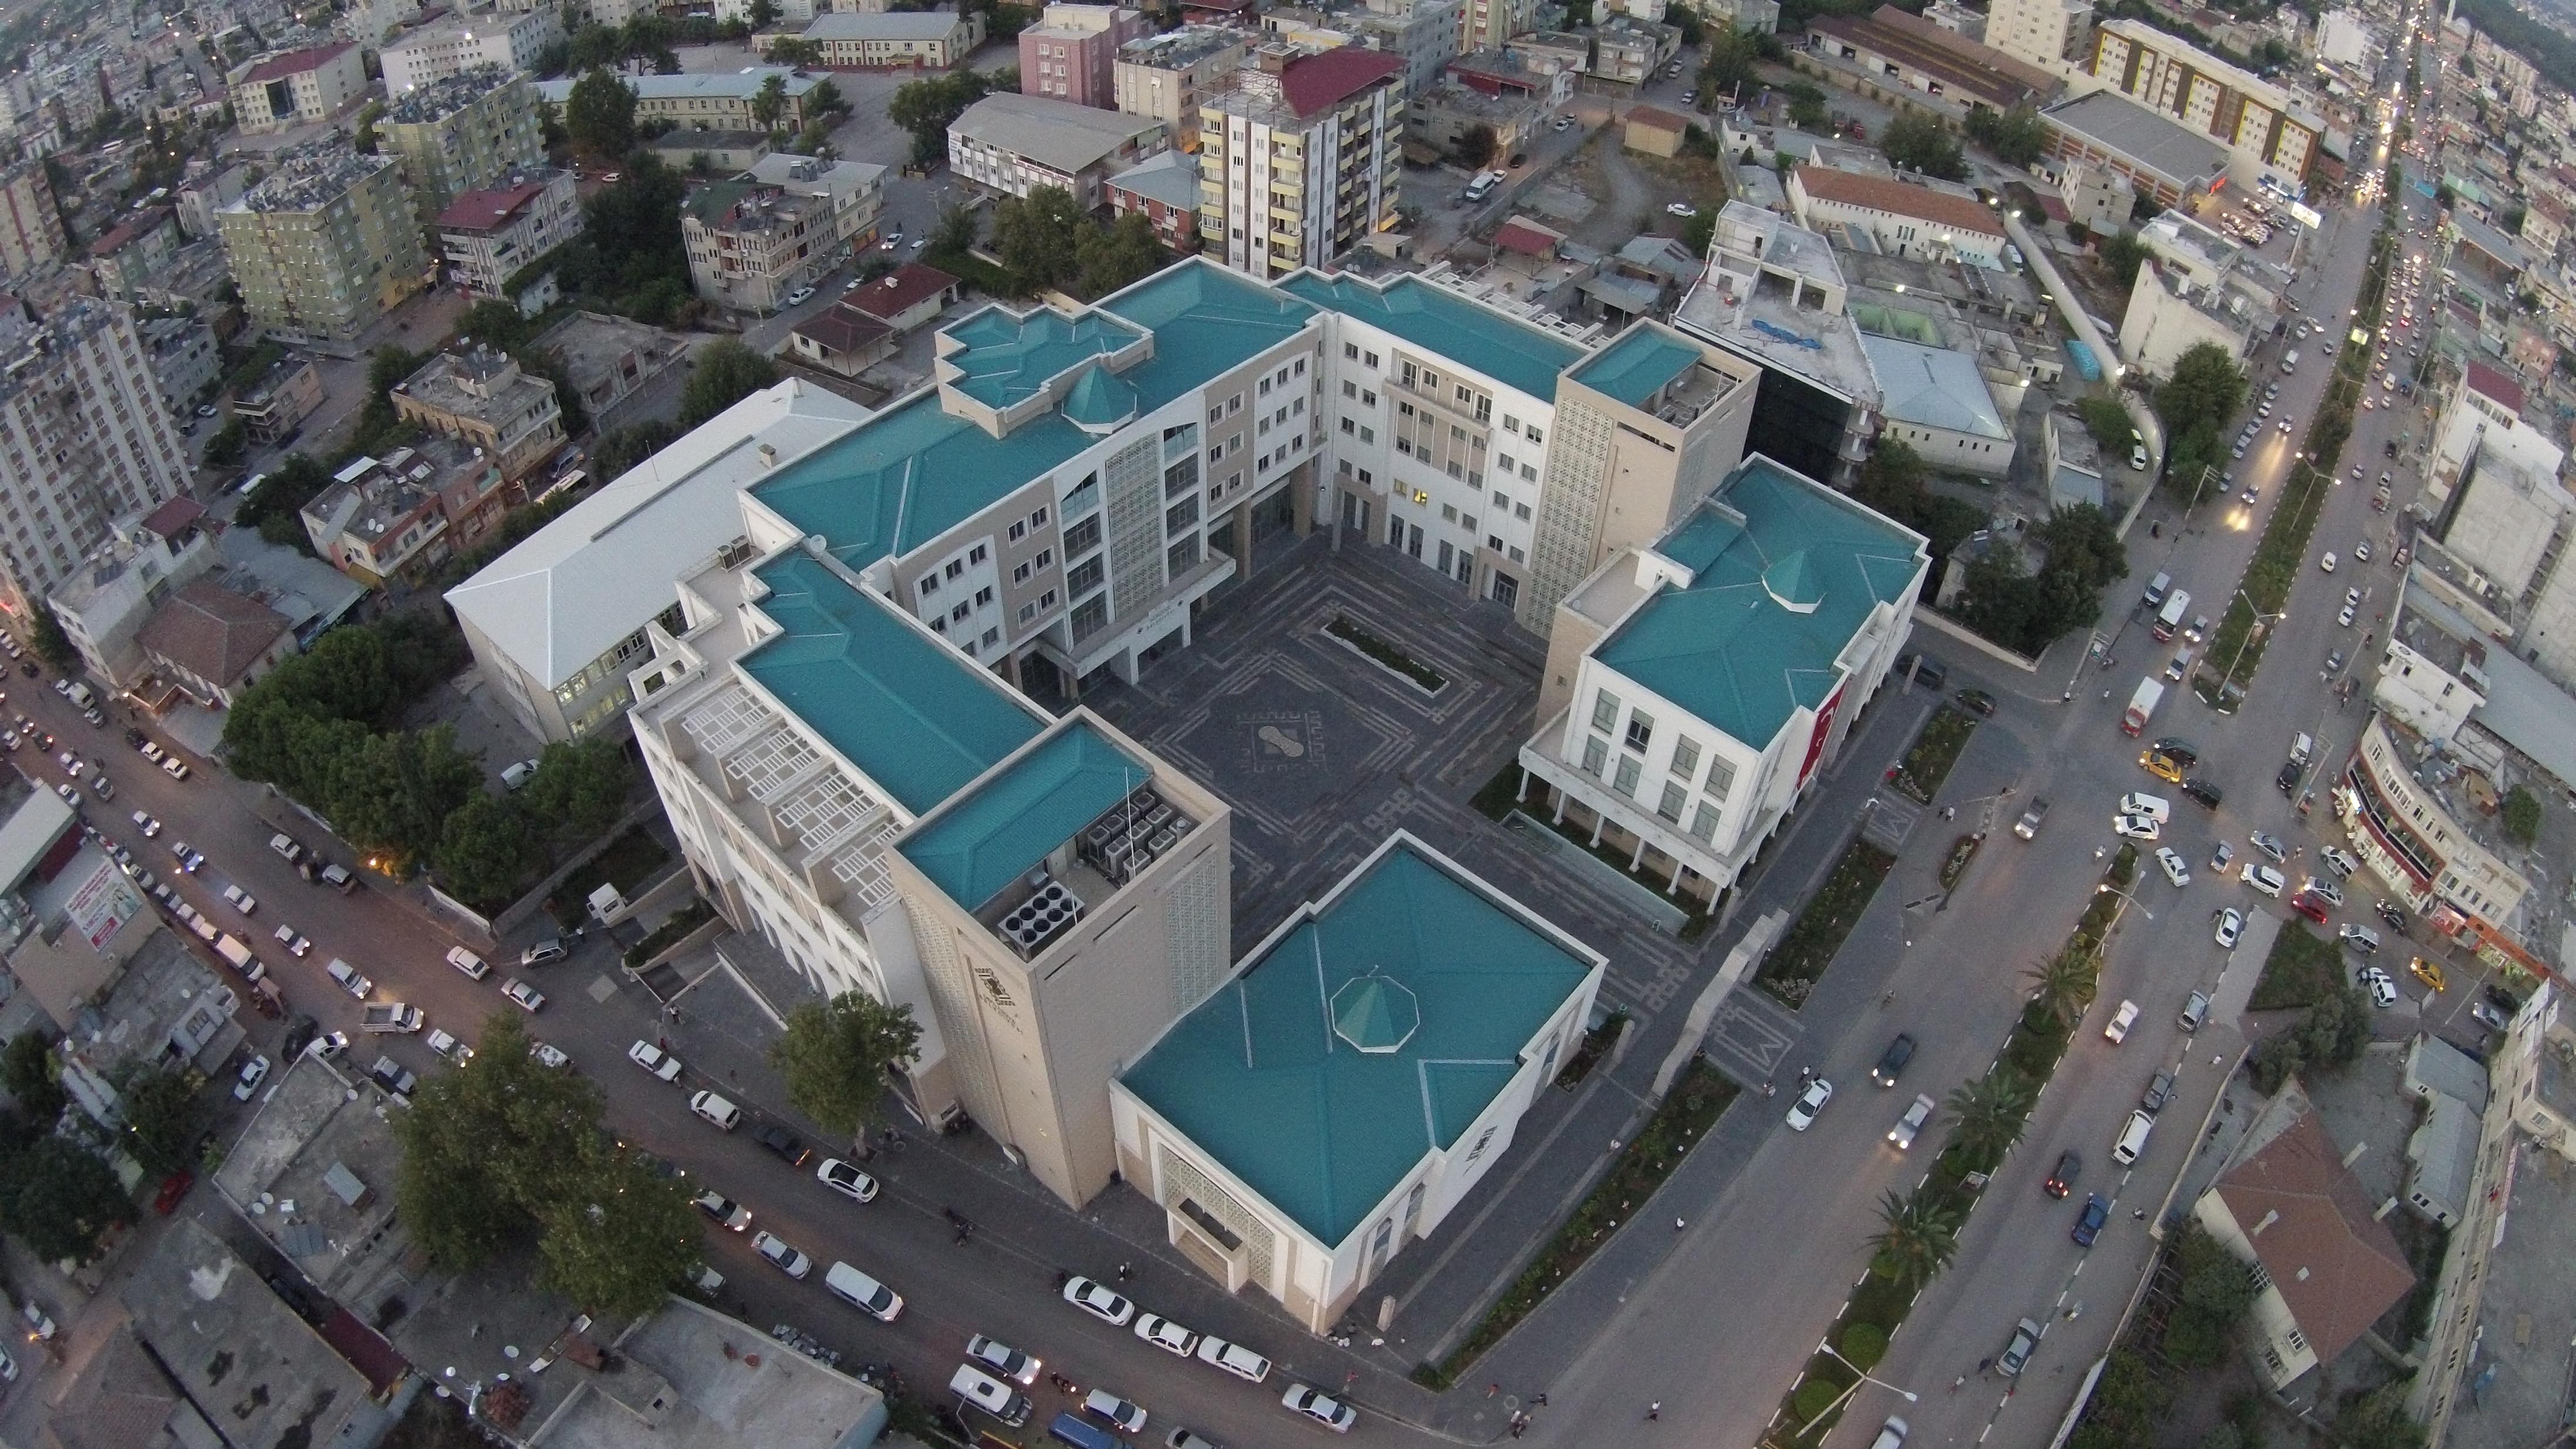 Osmaniye Belediyesi Yeni Hizmet Binası